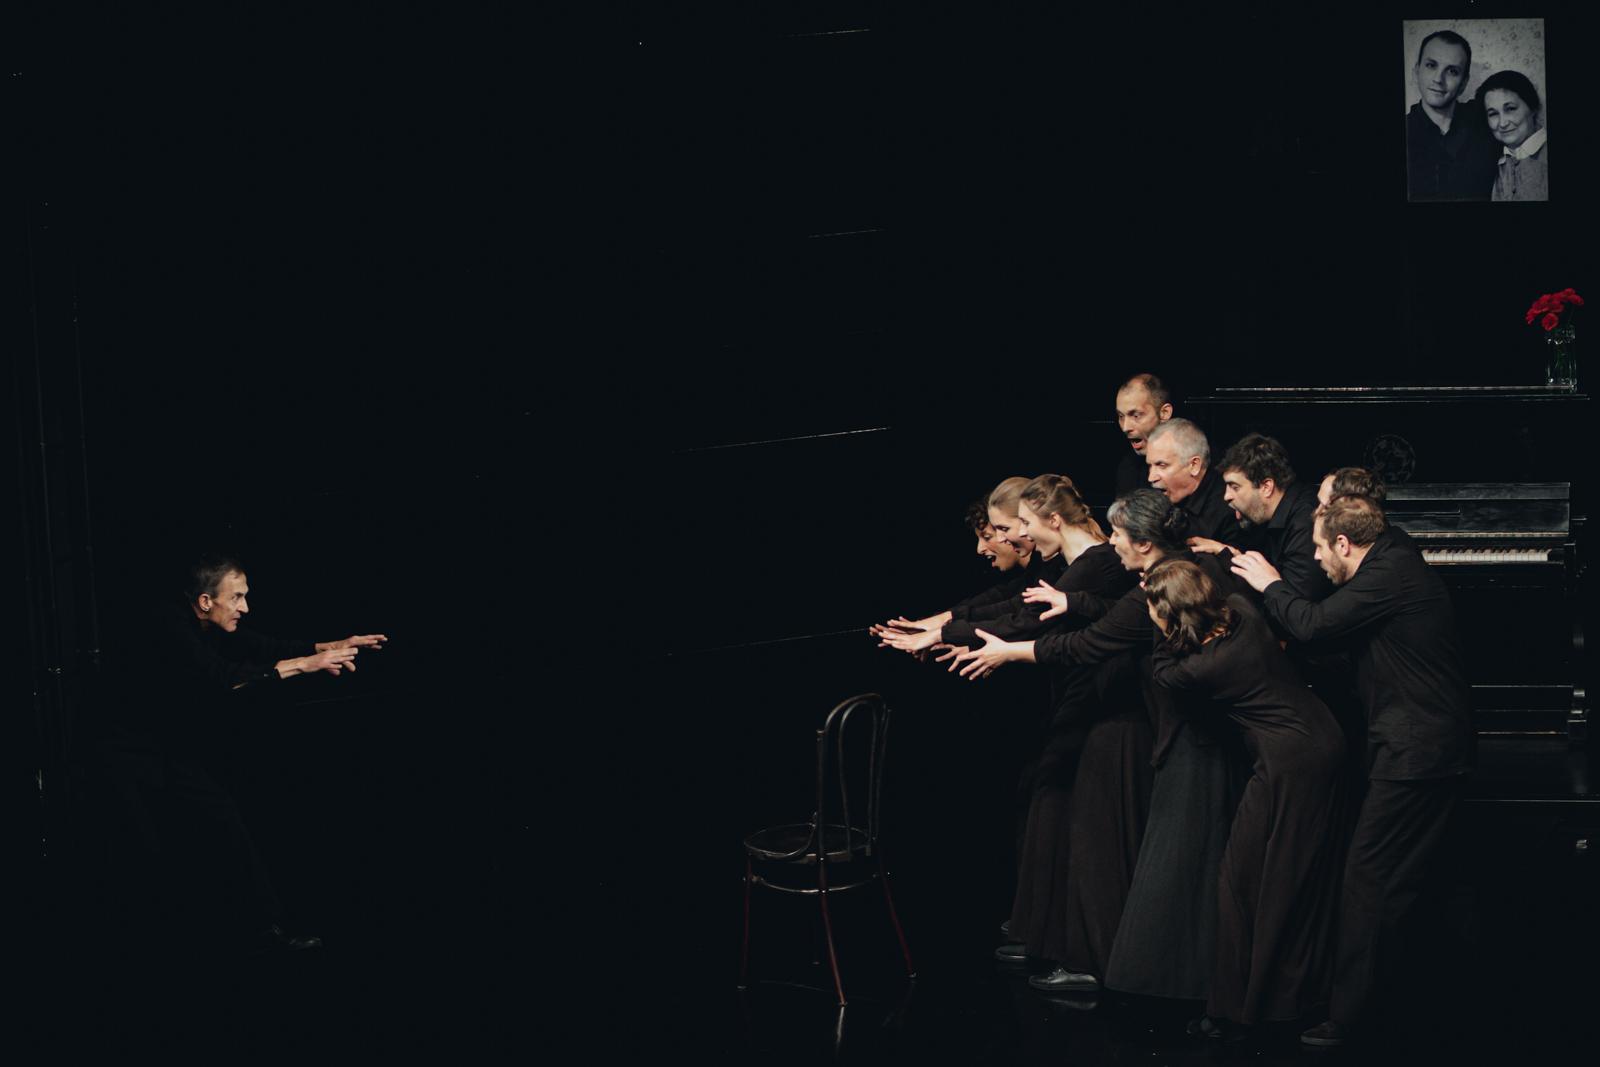 Сцена из спектакля Сергея Кургиняна «Крот». Московский театр «На досках»